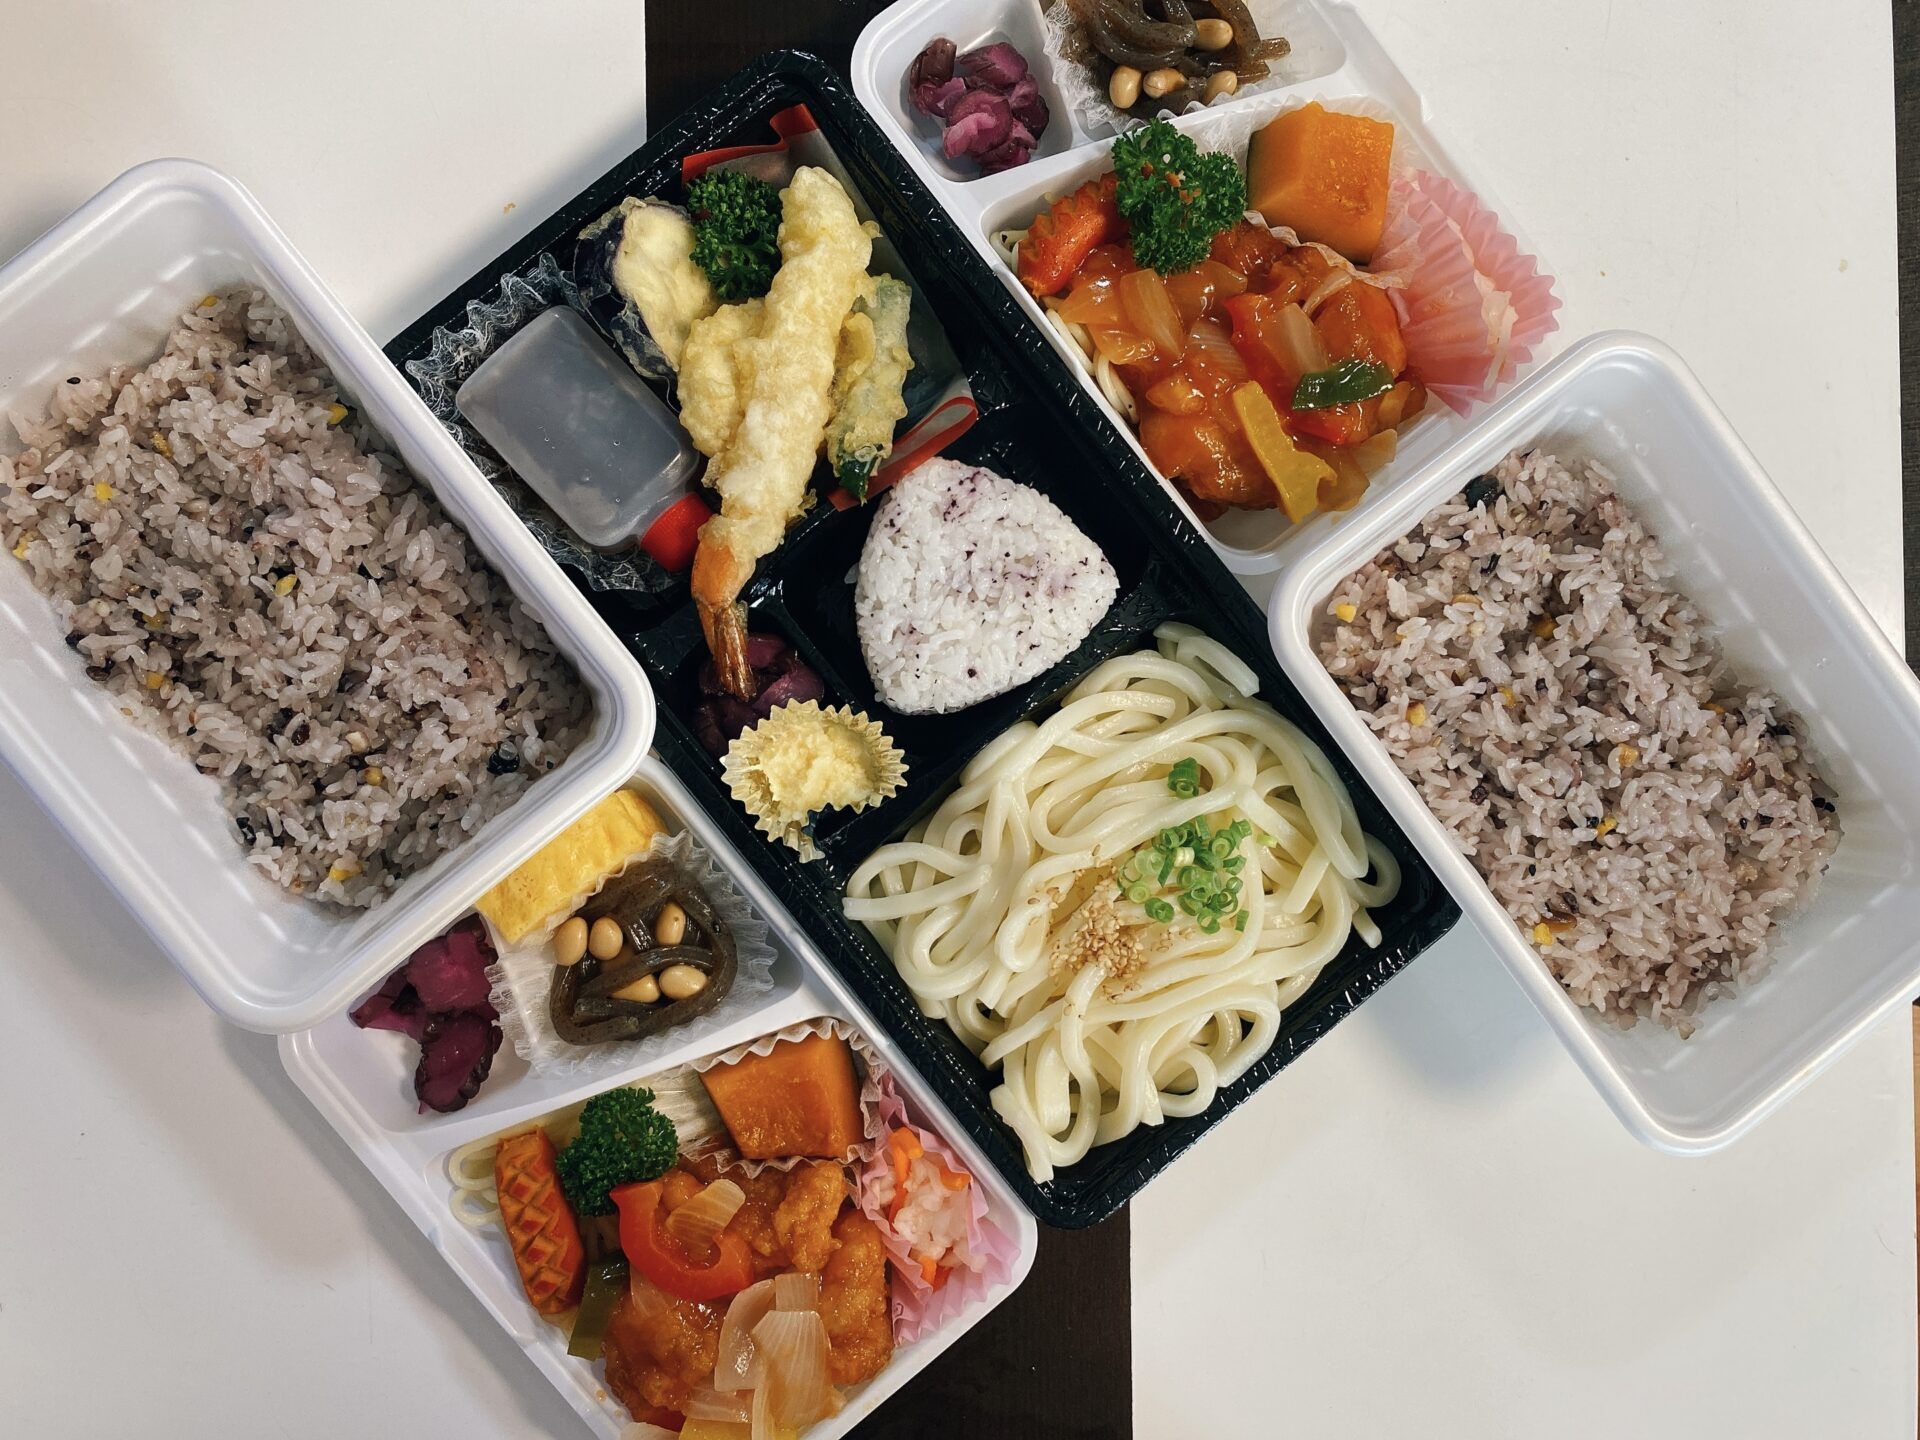 【岡山市南区のテイクアウト】手作りお弁当専門店 おばんざい弁当を初訪問するも残りが3つでギリセーフ!